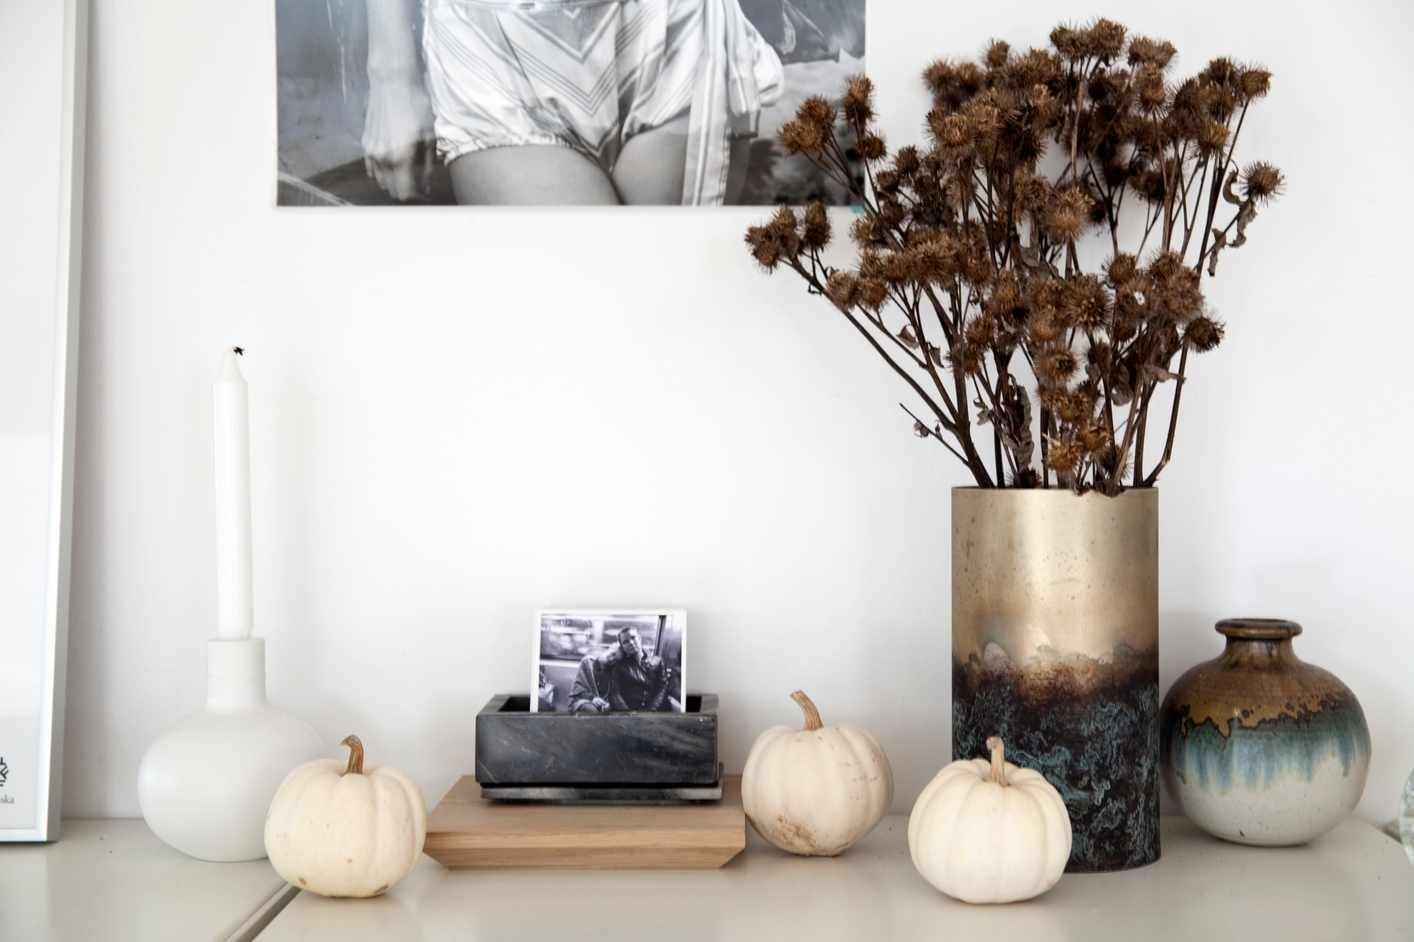 A hint of halloween Hviitblogg.no